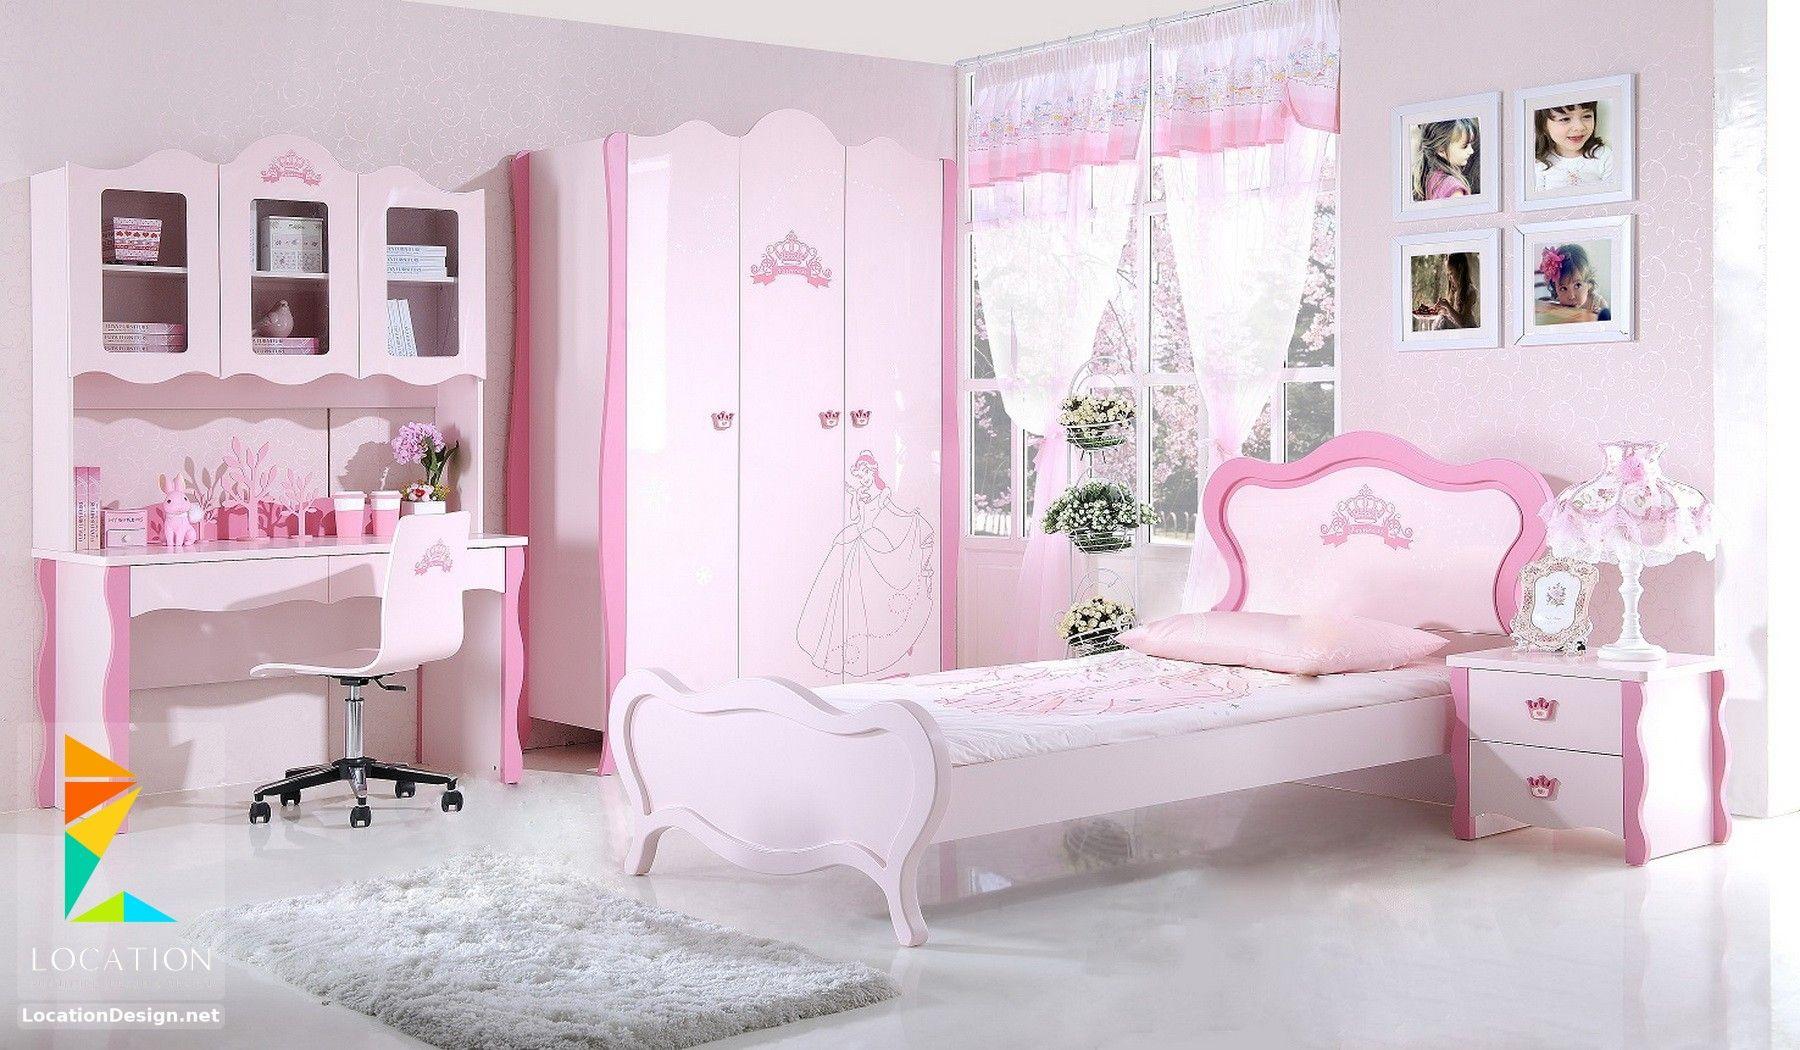 كتالوج غرف اطفال بنات أجمل تصميمات غرف نوم الأطفال للبنات 2019 2020 Girls Bedroom Furniture Kids Bedroom Furniture Sets Kids Bedroom Decor